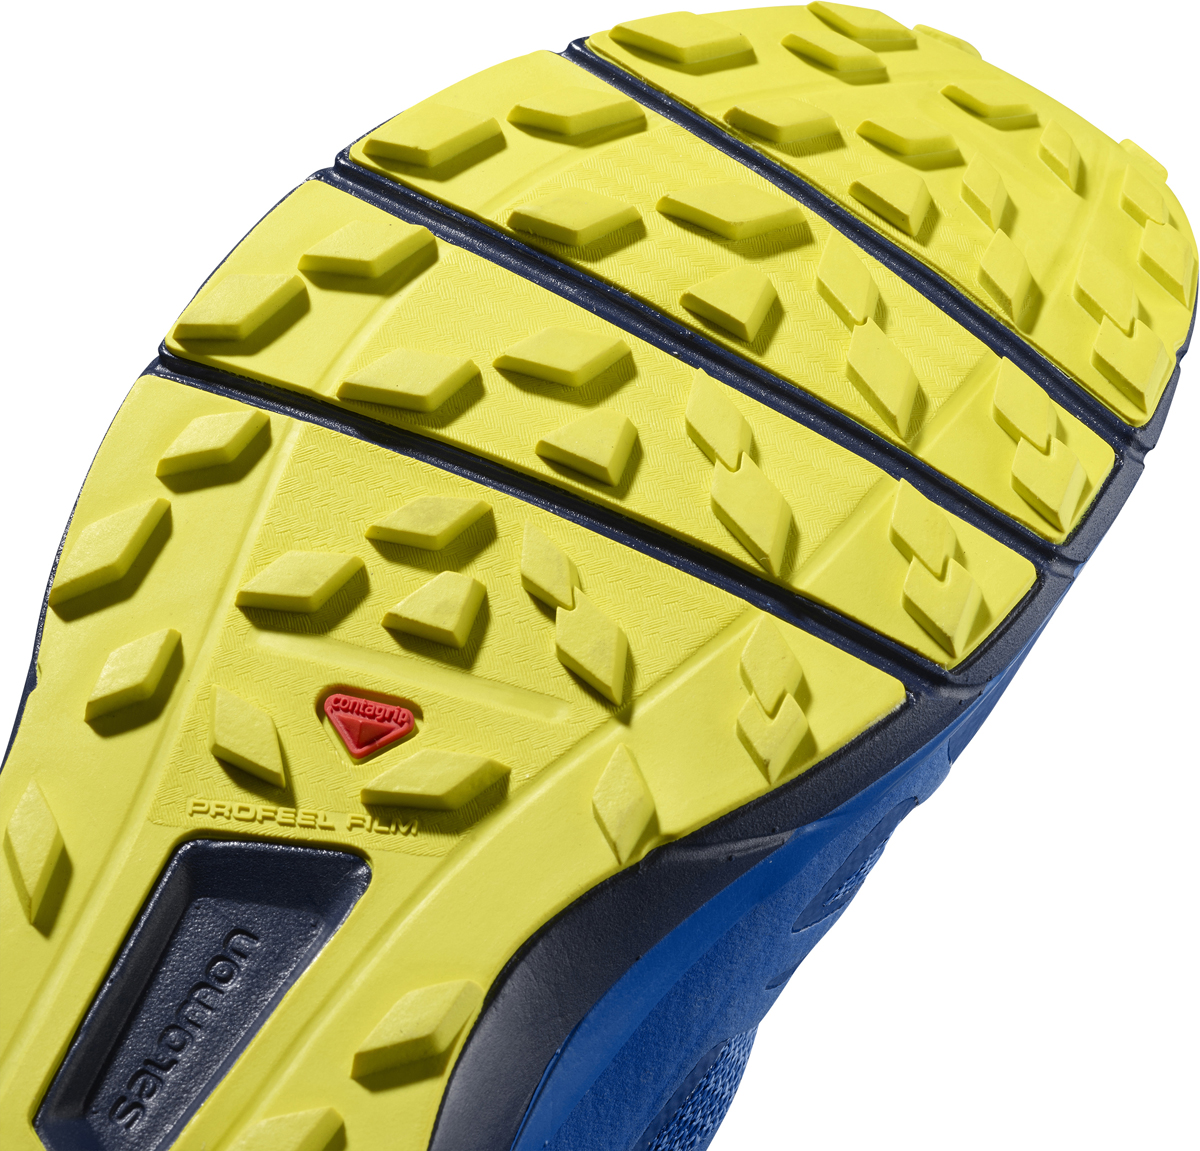 Мужские кроссовки для бега Salomon выполнены из текстиля. Достаточный уровень амортизации, перепад высоты 8 мм и зарекомендовавшая себя посадка - и вы готовы к бегу весь день напролет. Благодаря амортизации по всей длине подошвы модель Sense Ride обеспечивает комфорт во время долгих забегов по каменистым тропам. Наружная и промежуточная подошва, созданные с естественным обратным прогибом, помогают ступать след в след. Подошва Contagrip обеспечивает отличное сцепление на мягкой и твердой, мокрой и сухой земле. Такие кроссовки займут достойное место в коллекции вашей спортивной обуви.